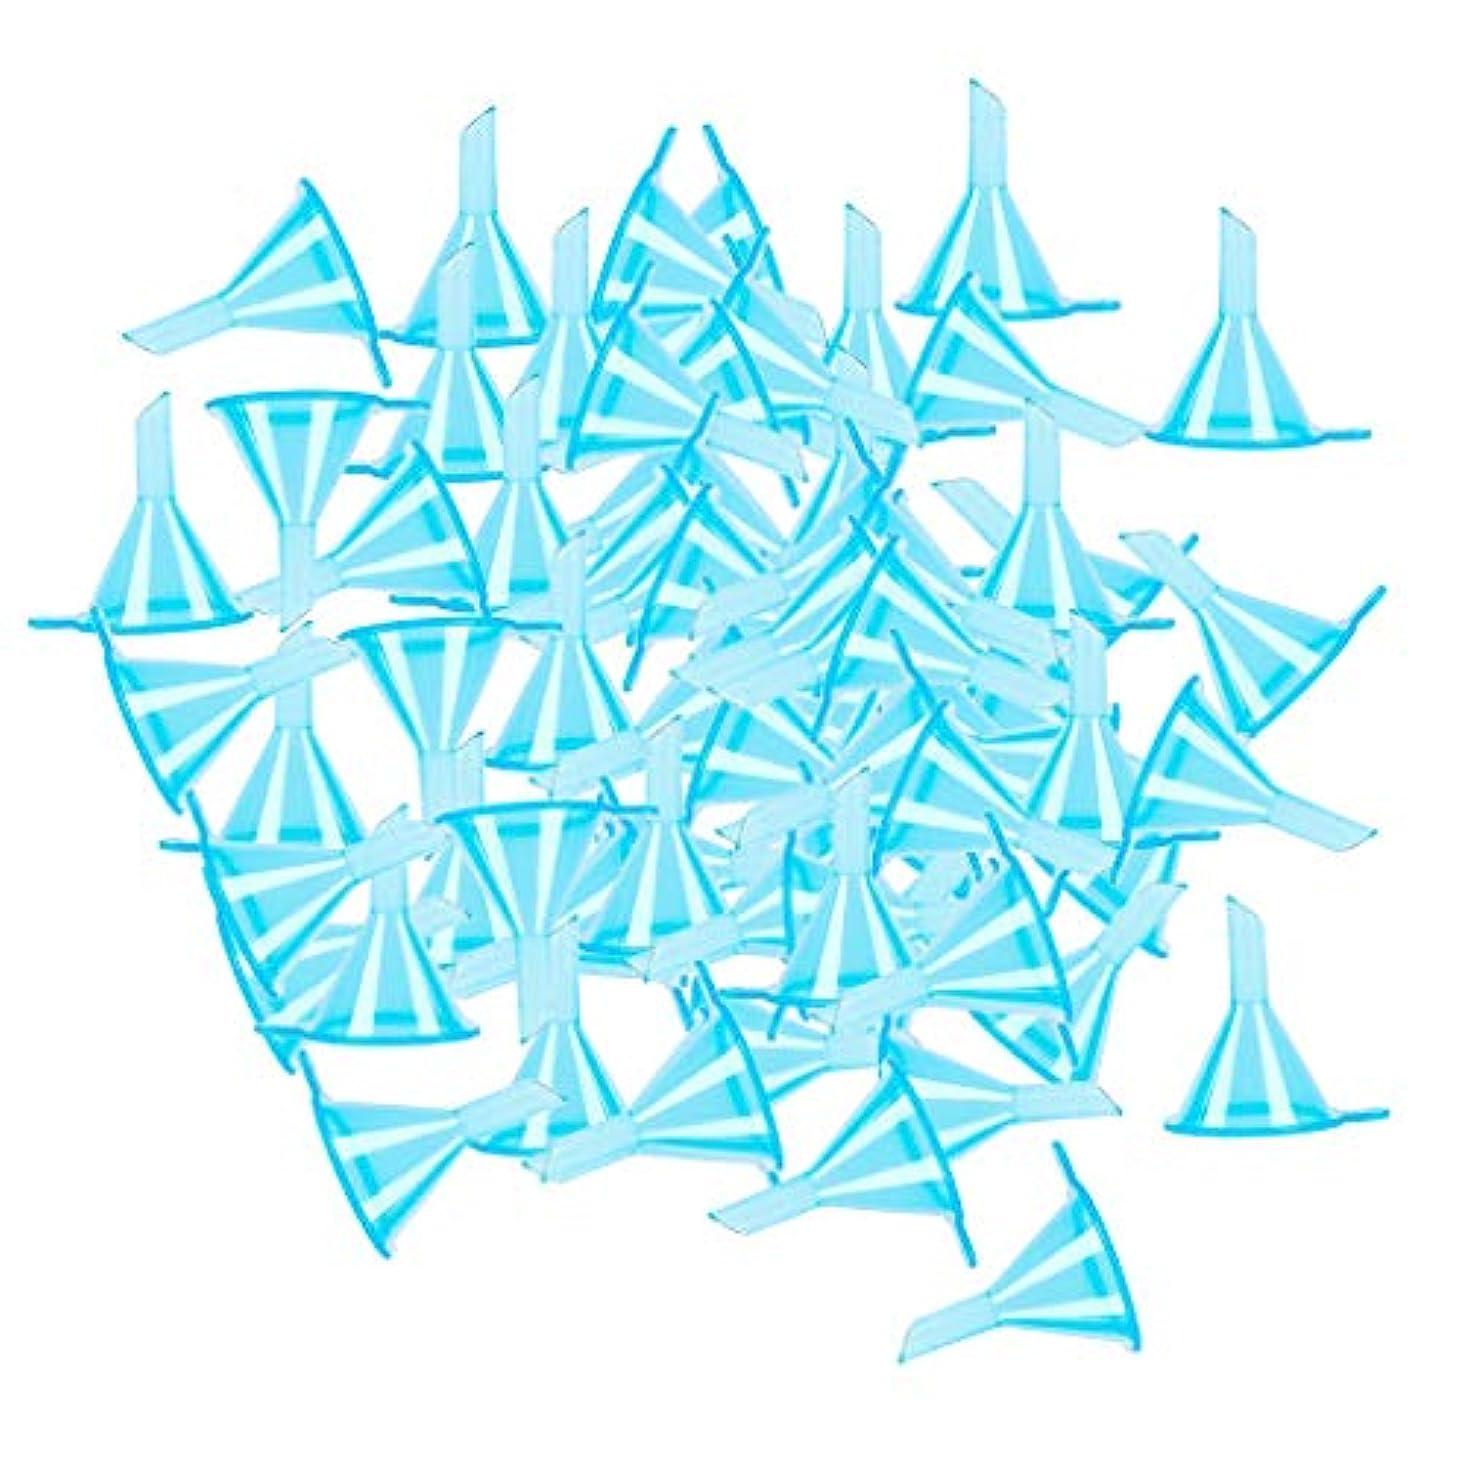 修正する倒錯解決する100個入り 小分けツール ミニ ファンネル エッセンシャルオイル 液体 香水用 全3色 - ブルー